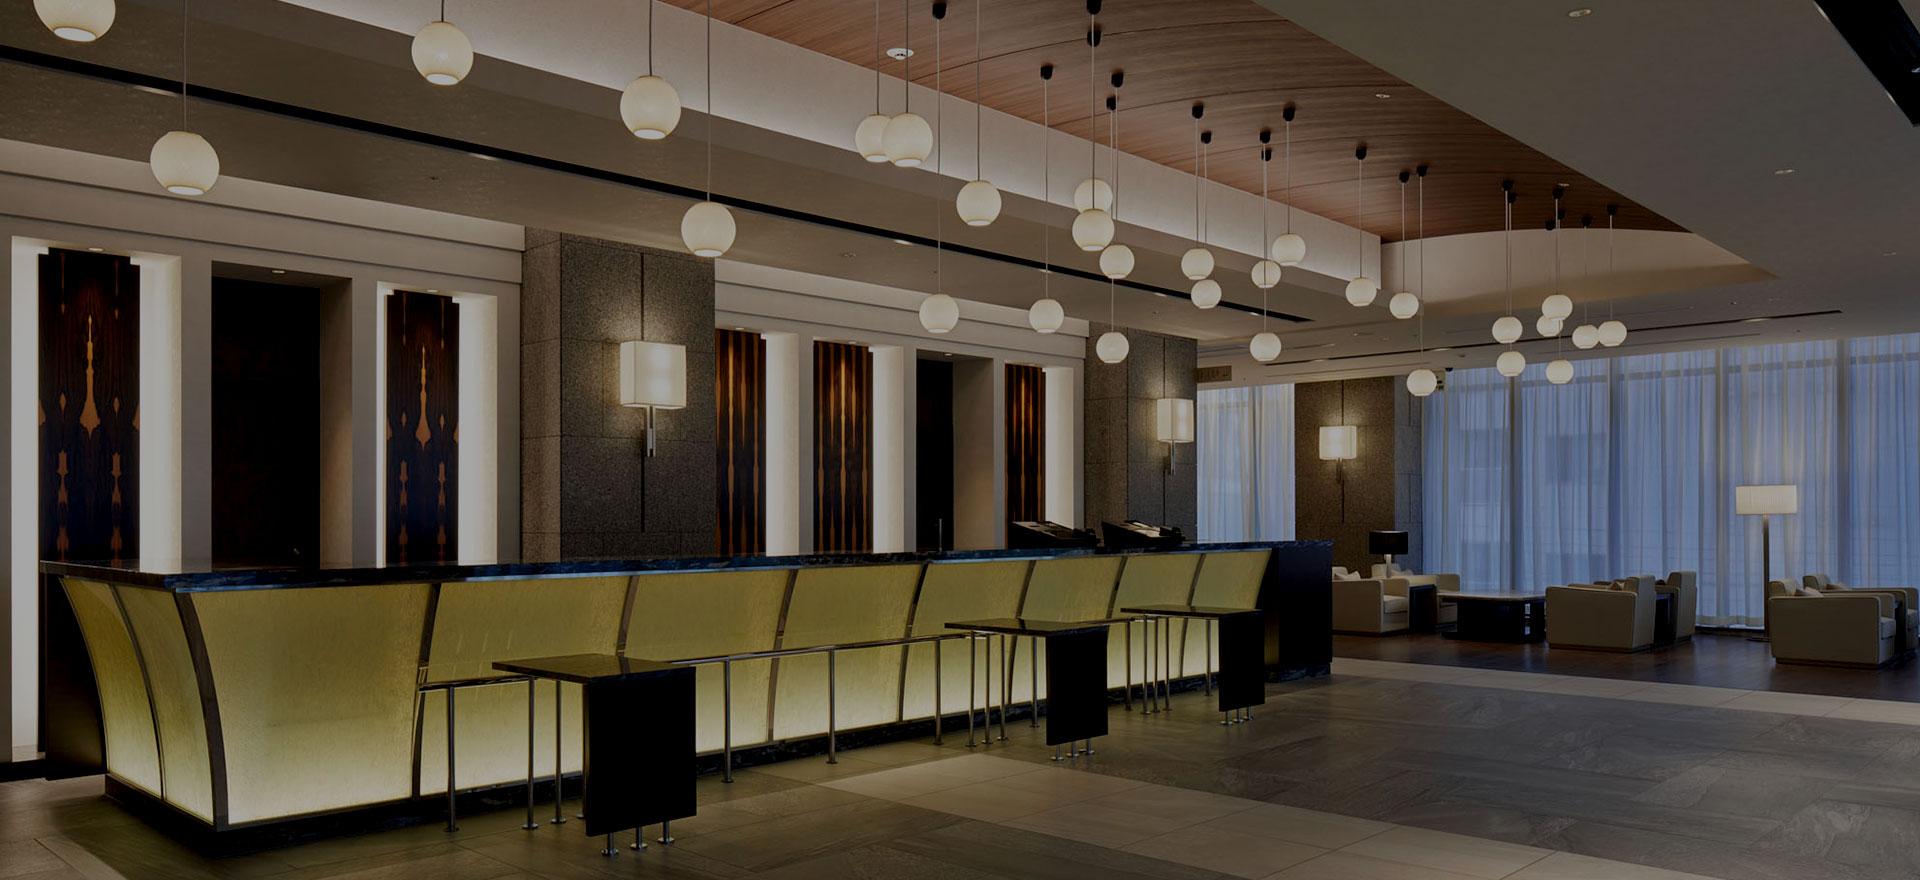 ロビー天井からの優しい照明は、舞い降りる雪をイメージ。奥にはビジネスラウンジが設置され、お仕事でのご利用も快適に。